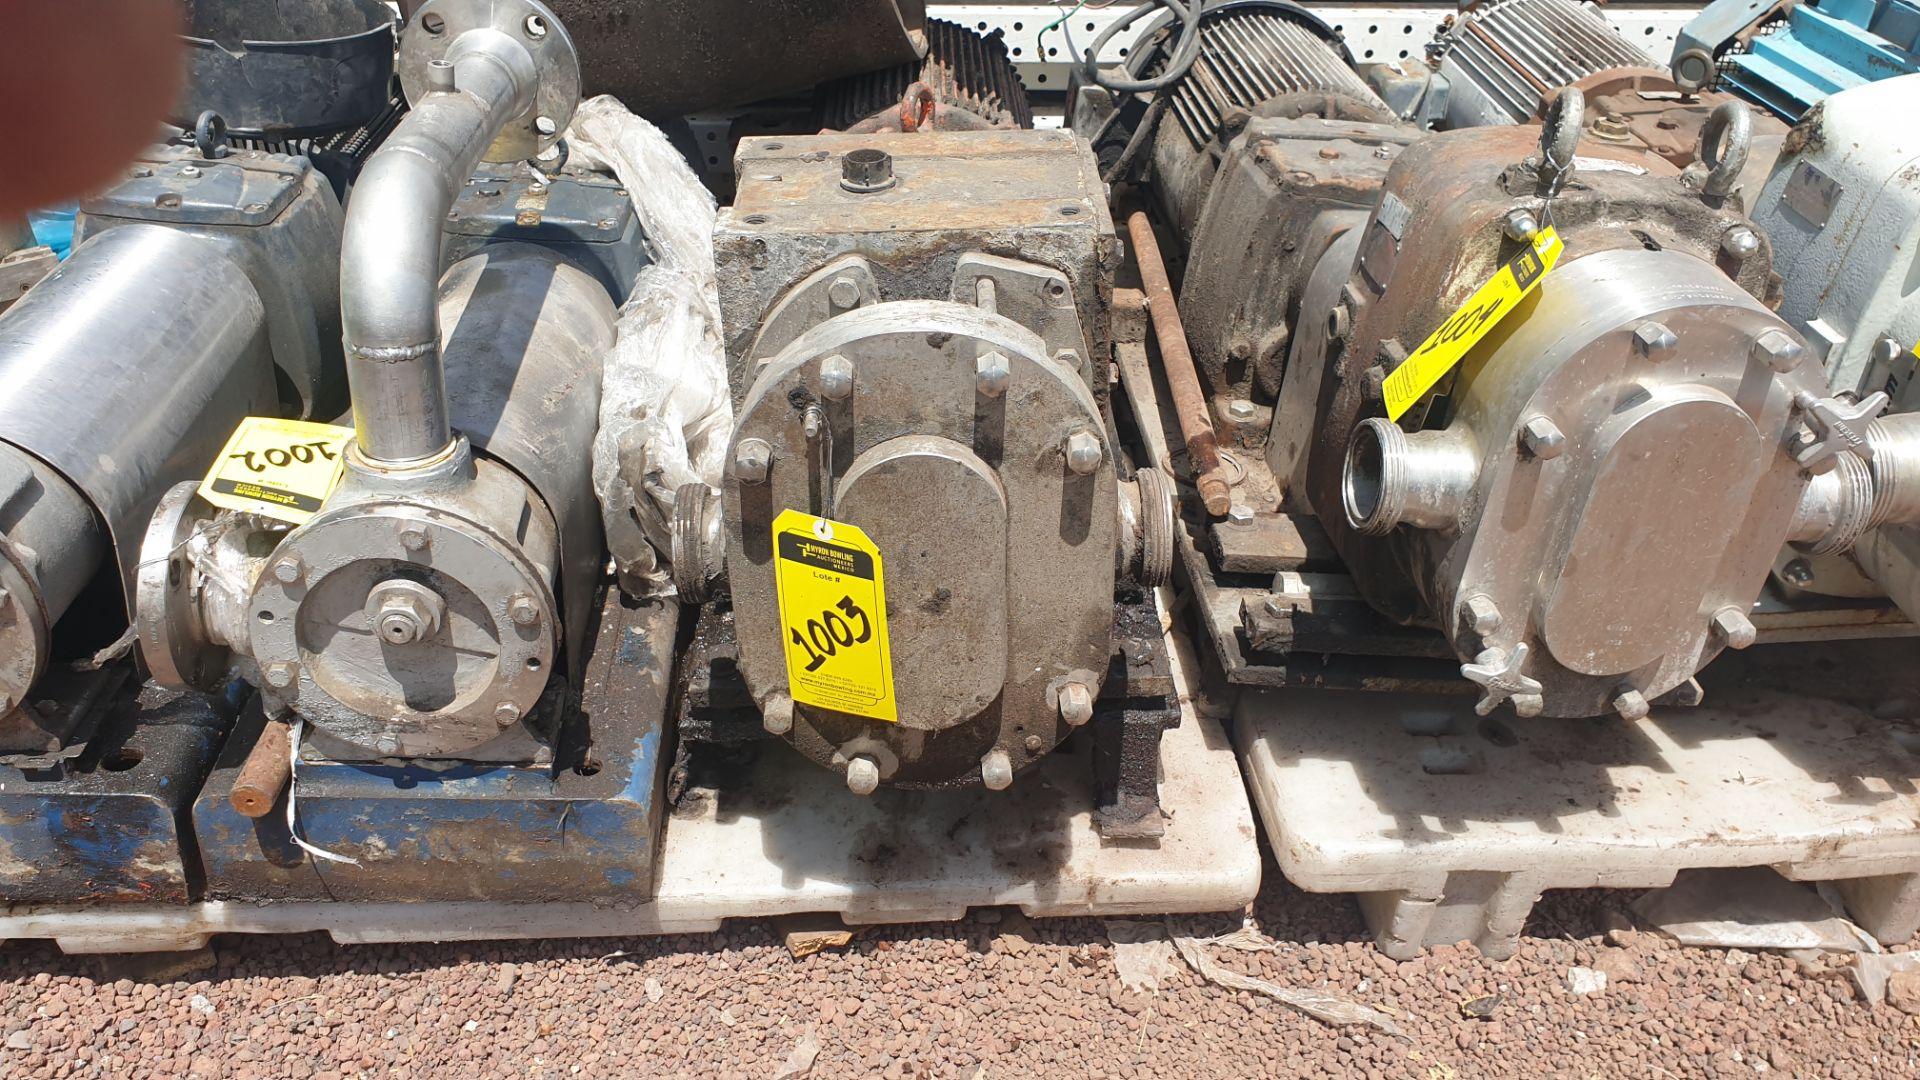 Fristam Lobe pump, includes emerson motor capacity 15HP 230v -460v - Image 2 of 6